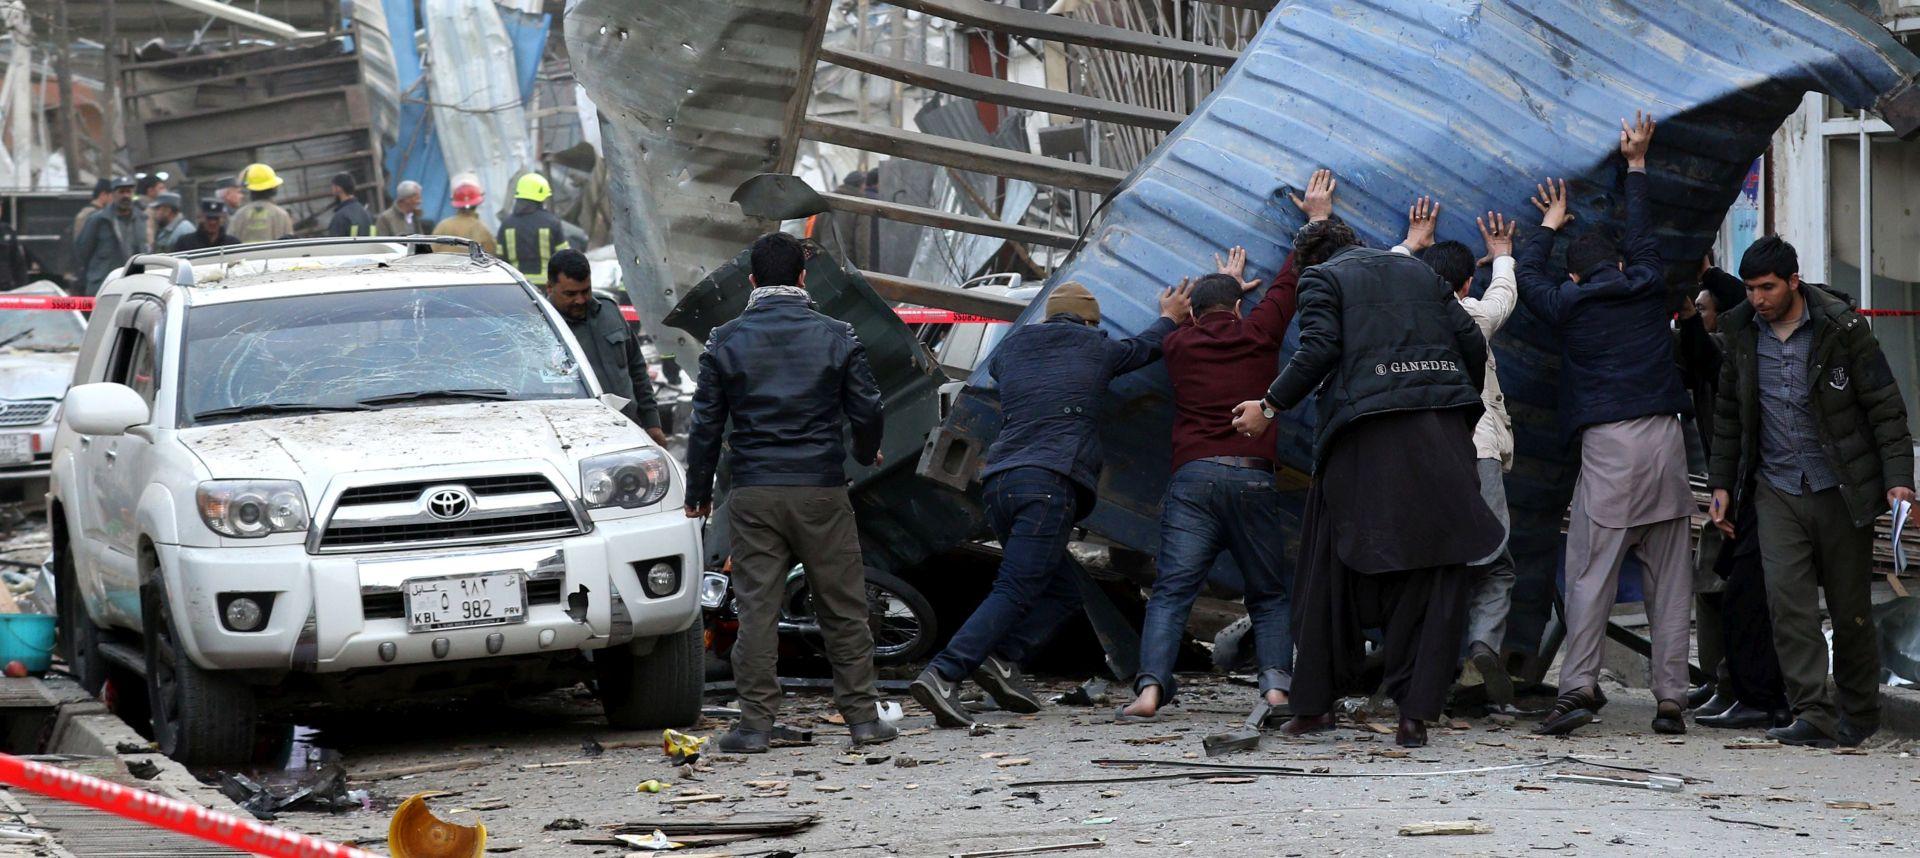 Broj žrtava u Kabulu narastao na 95, 191 osoba ranjena